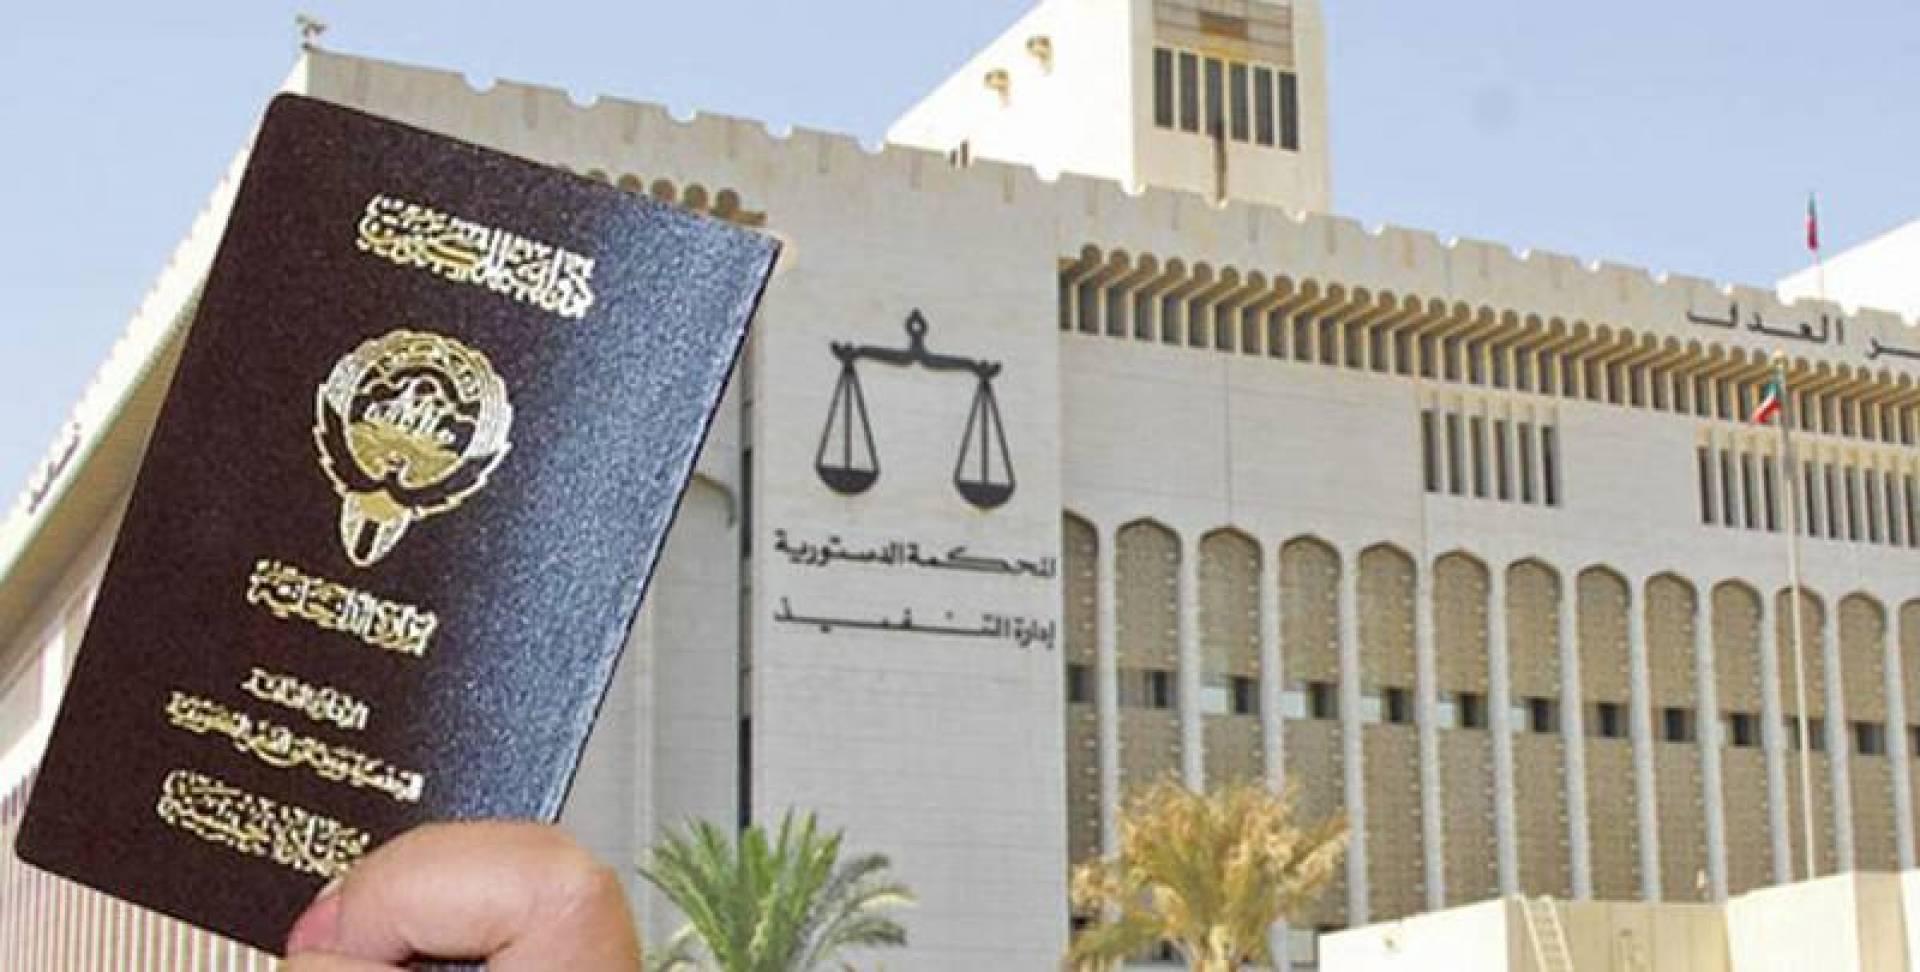 عسكري بالجيش ومواطنة حصلا على الجنسية بالتزوير